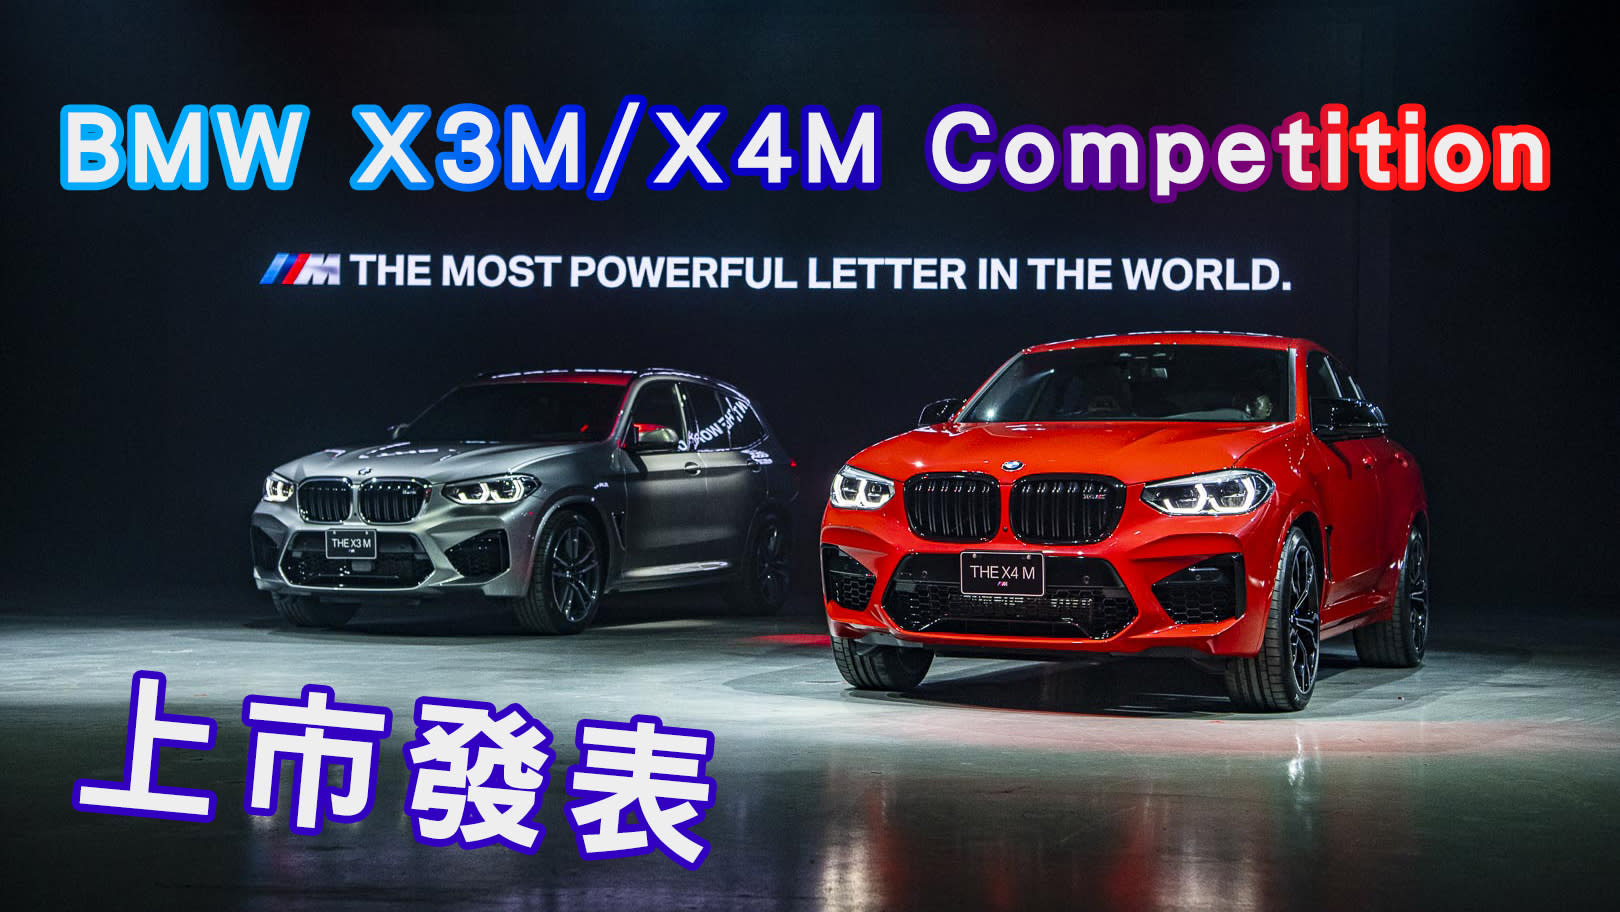 衝破500匹!M家族休旅新成員|BMW X3 M、X4 M Competition上市發表會